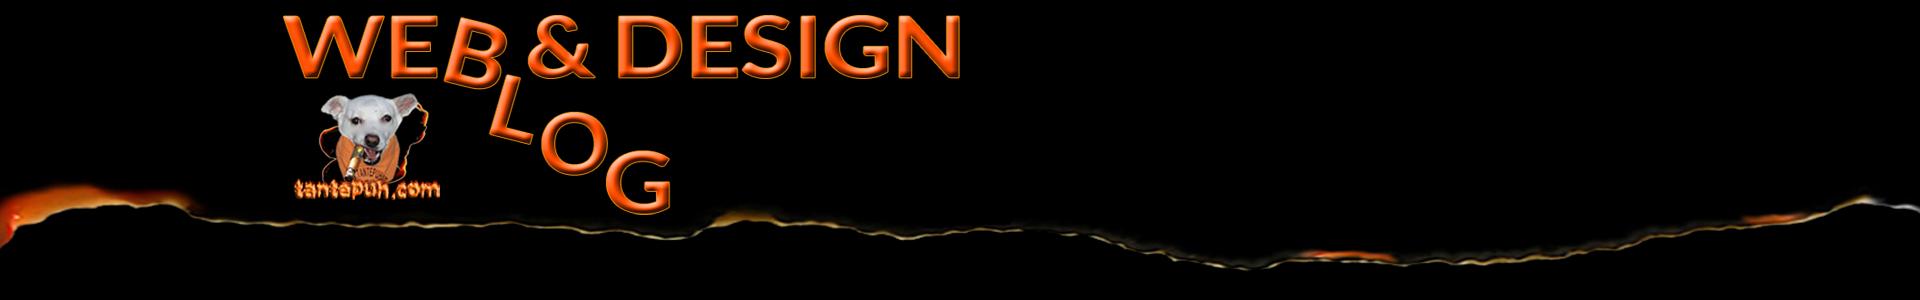 Blog Web und Design - Tipps und Informationen zur Homepage und Webseitenerstellung, Webseiten Check - rund ums Webdesign - Erstellung und Gestaltung